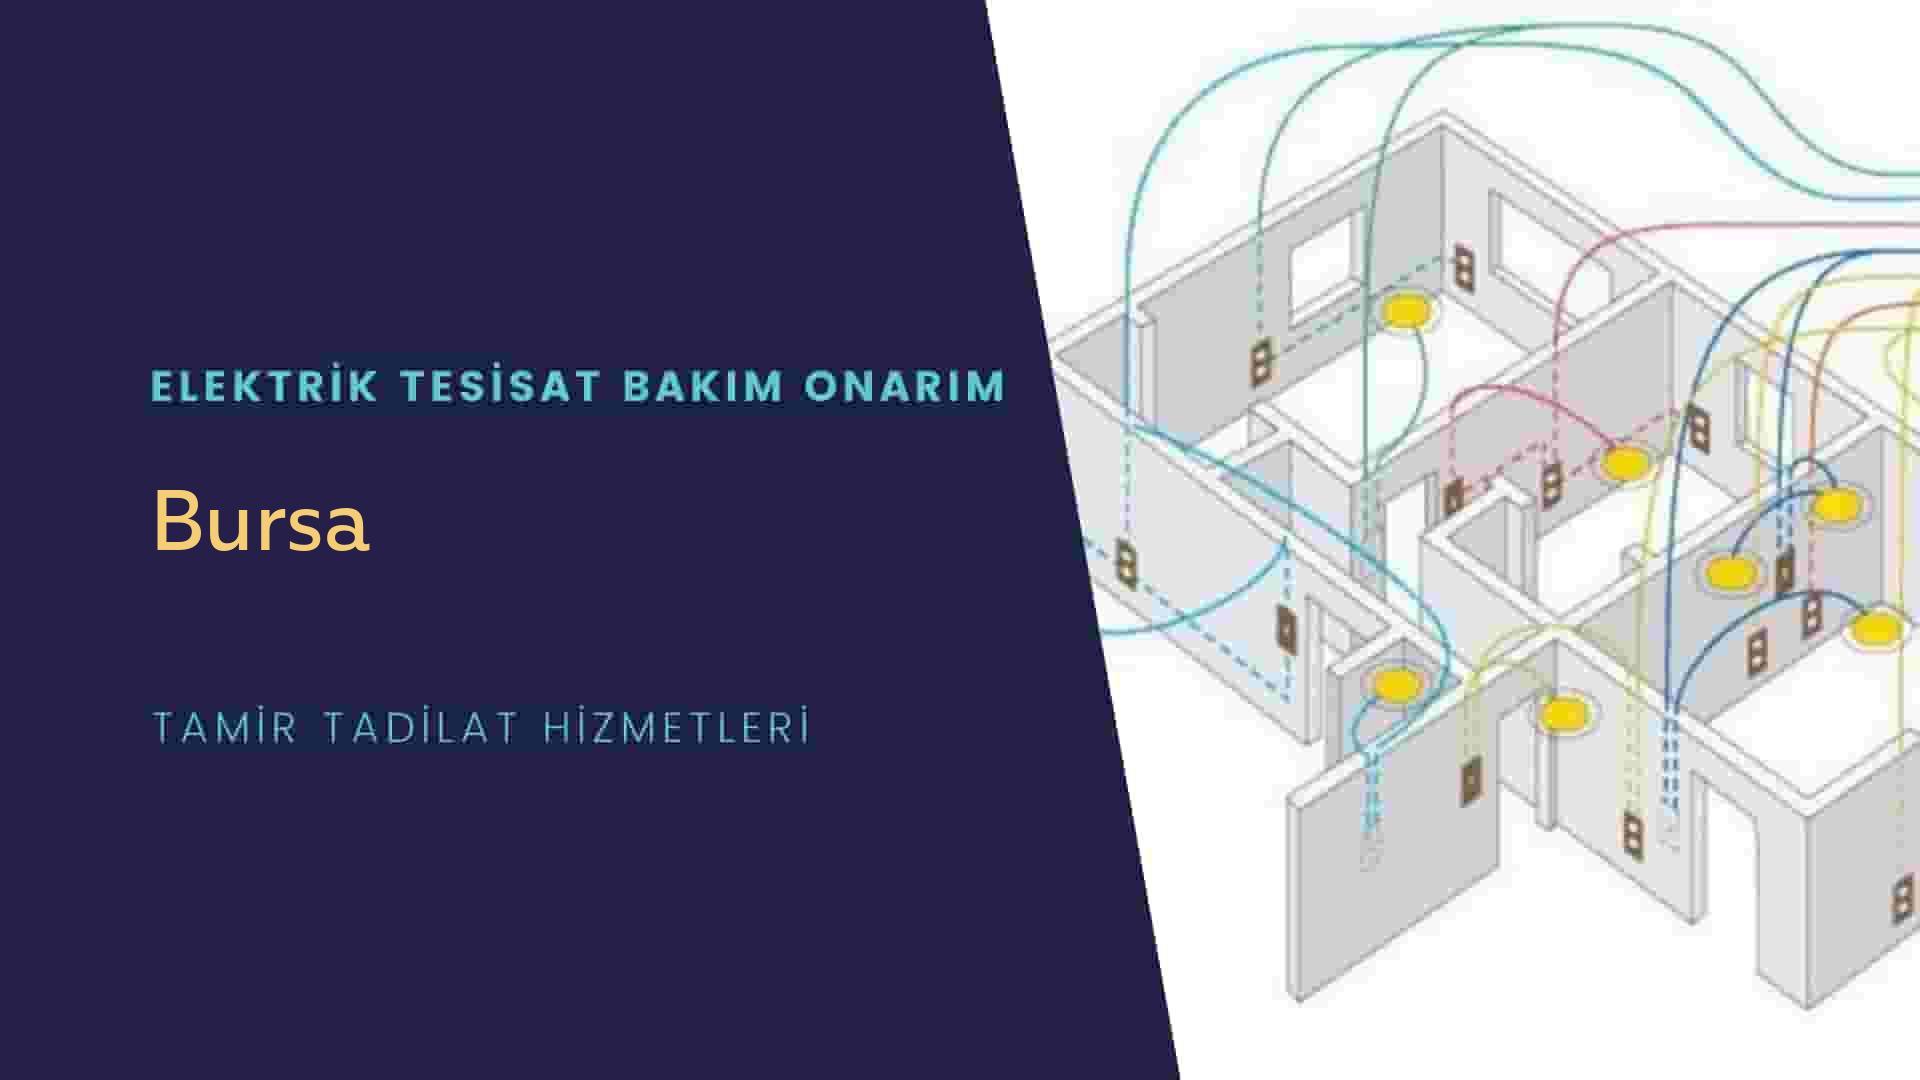 Bursa'da elektrik tesisatıustalarımı arıyorsunuz doğru adrestenizi Bursa elektrik tesisatı ustalarımız 7/24 sizlere hizmet vermekten mutluluk duyar.